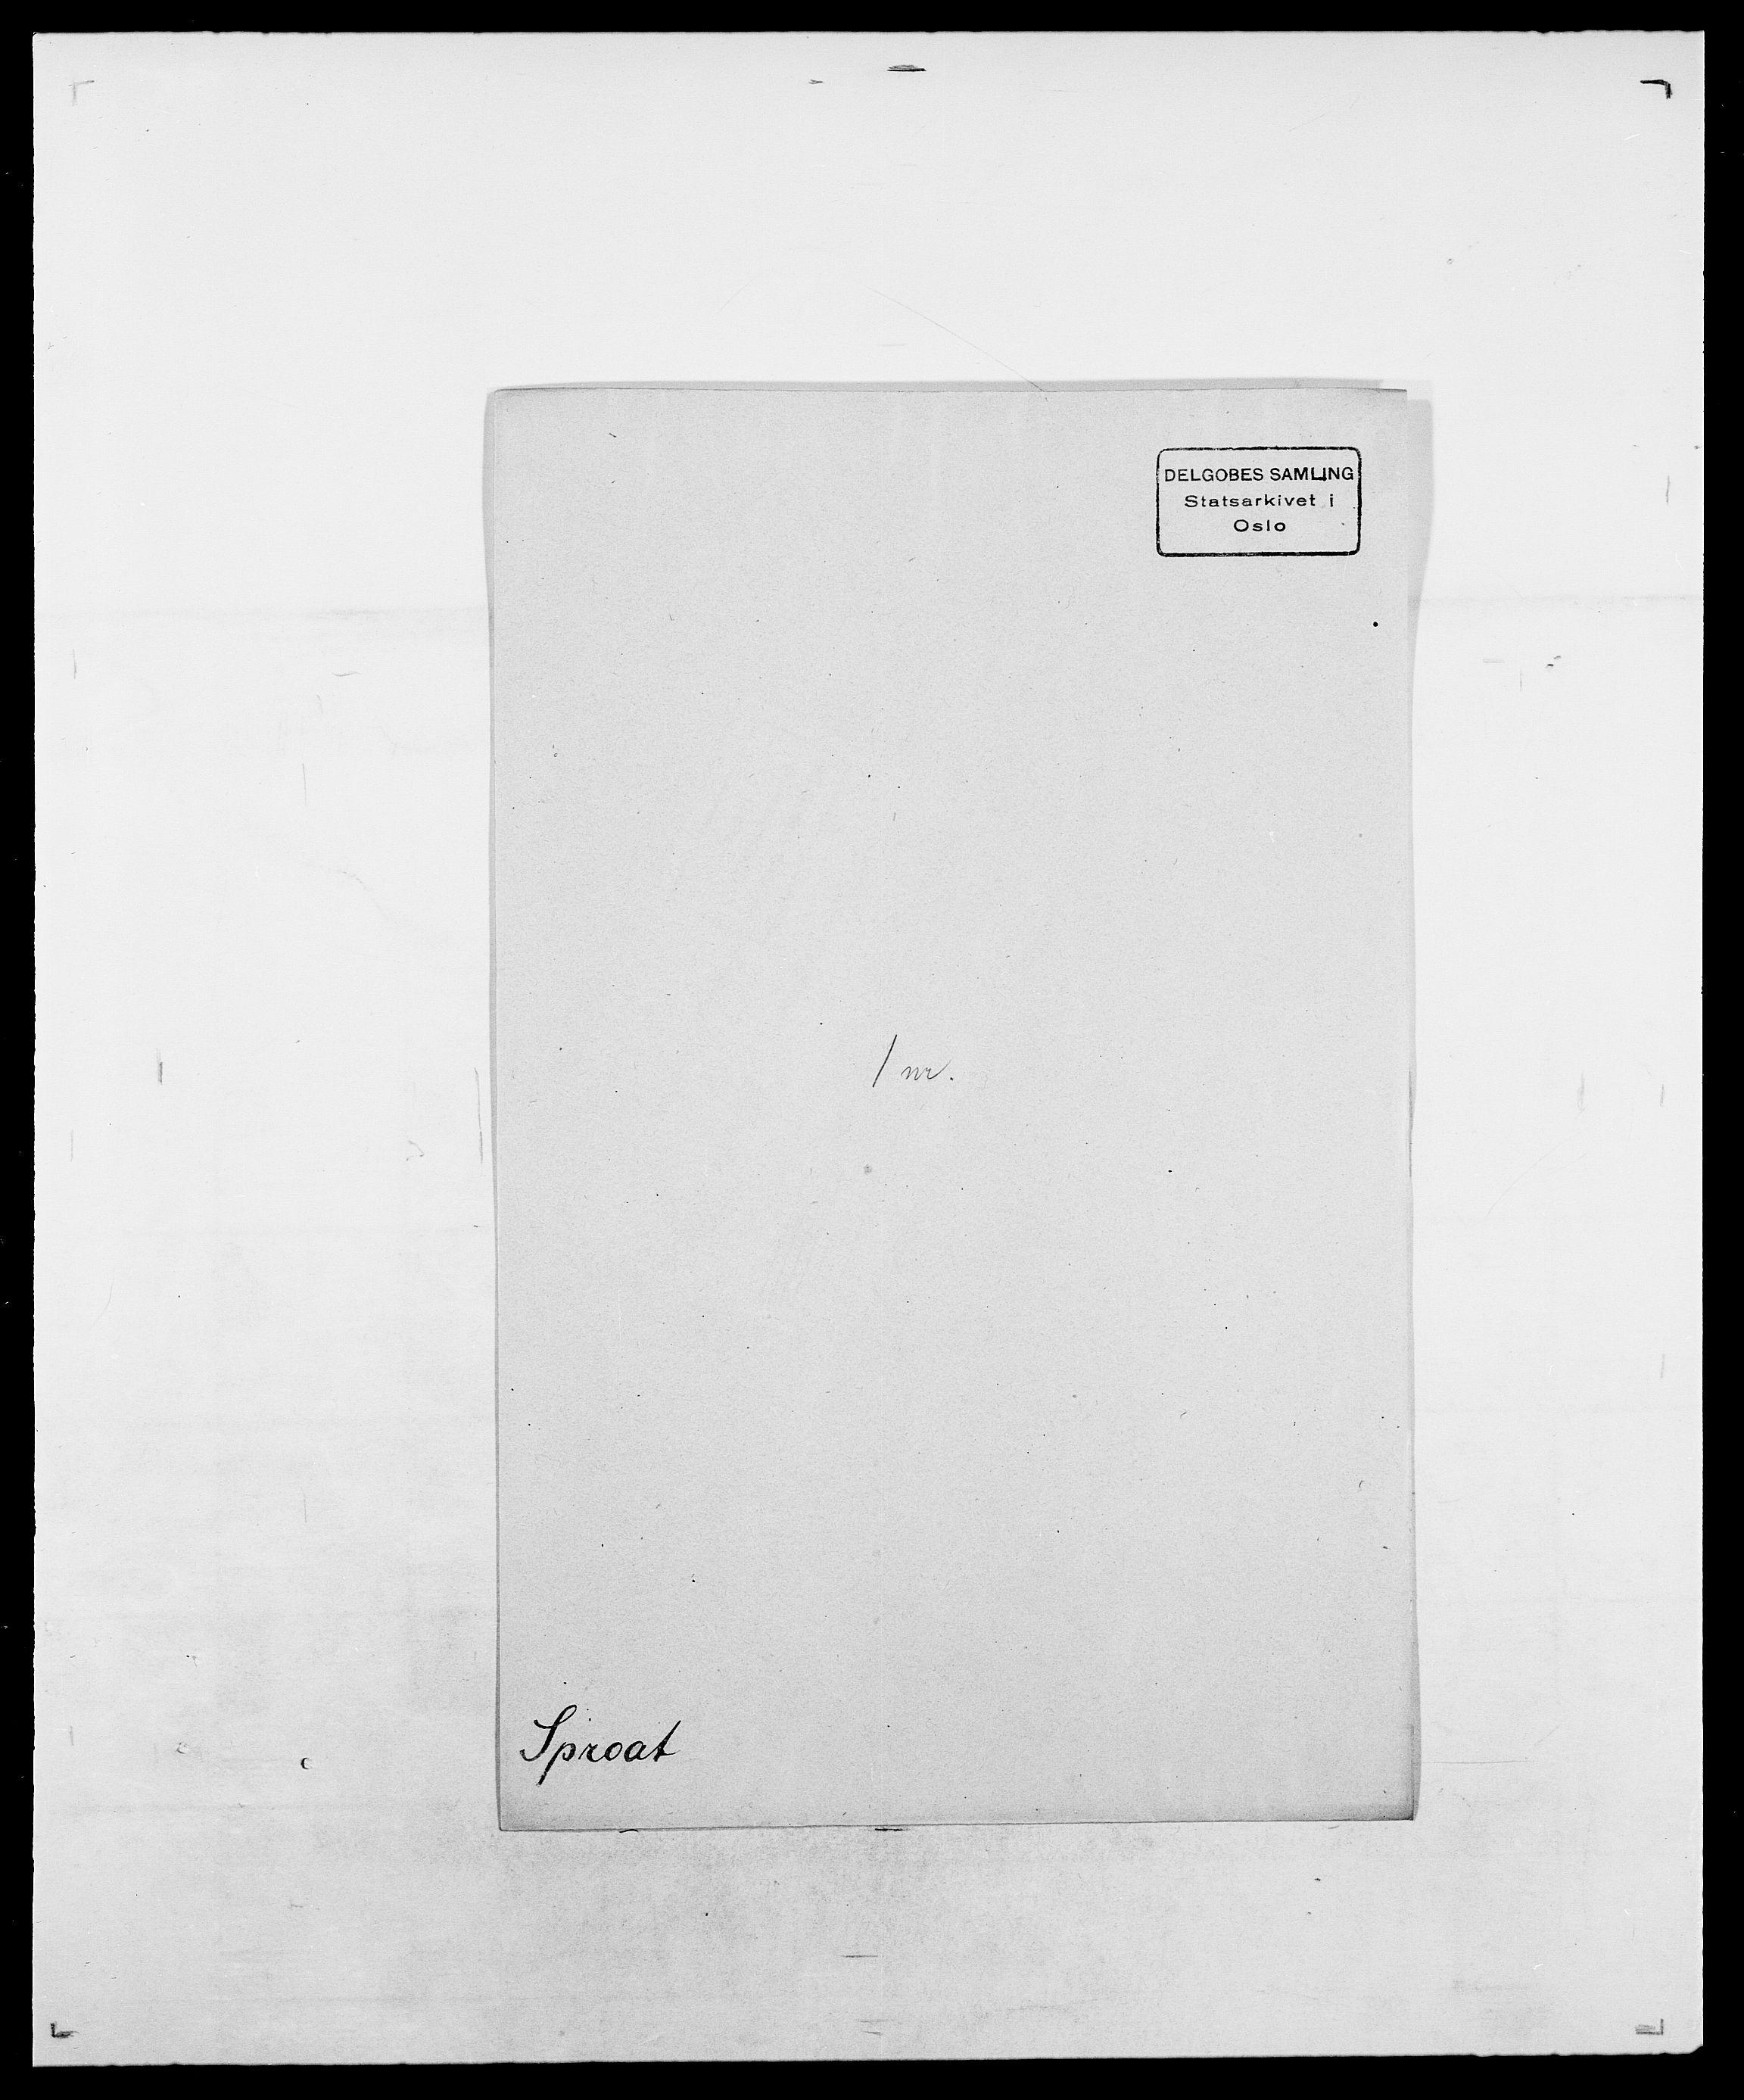 SAO, Delgobe, Charles Antoine - samling, D/Da/L0036: Skaanør - Staverskov, s. 588